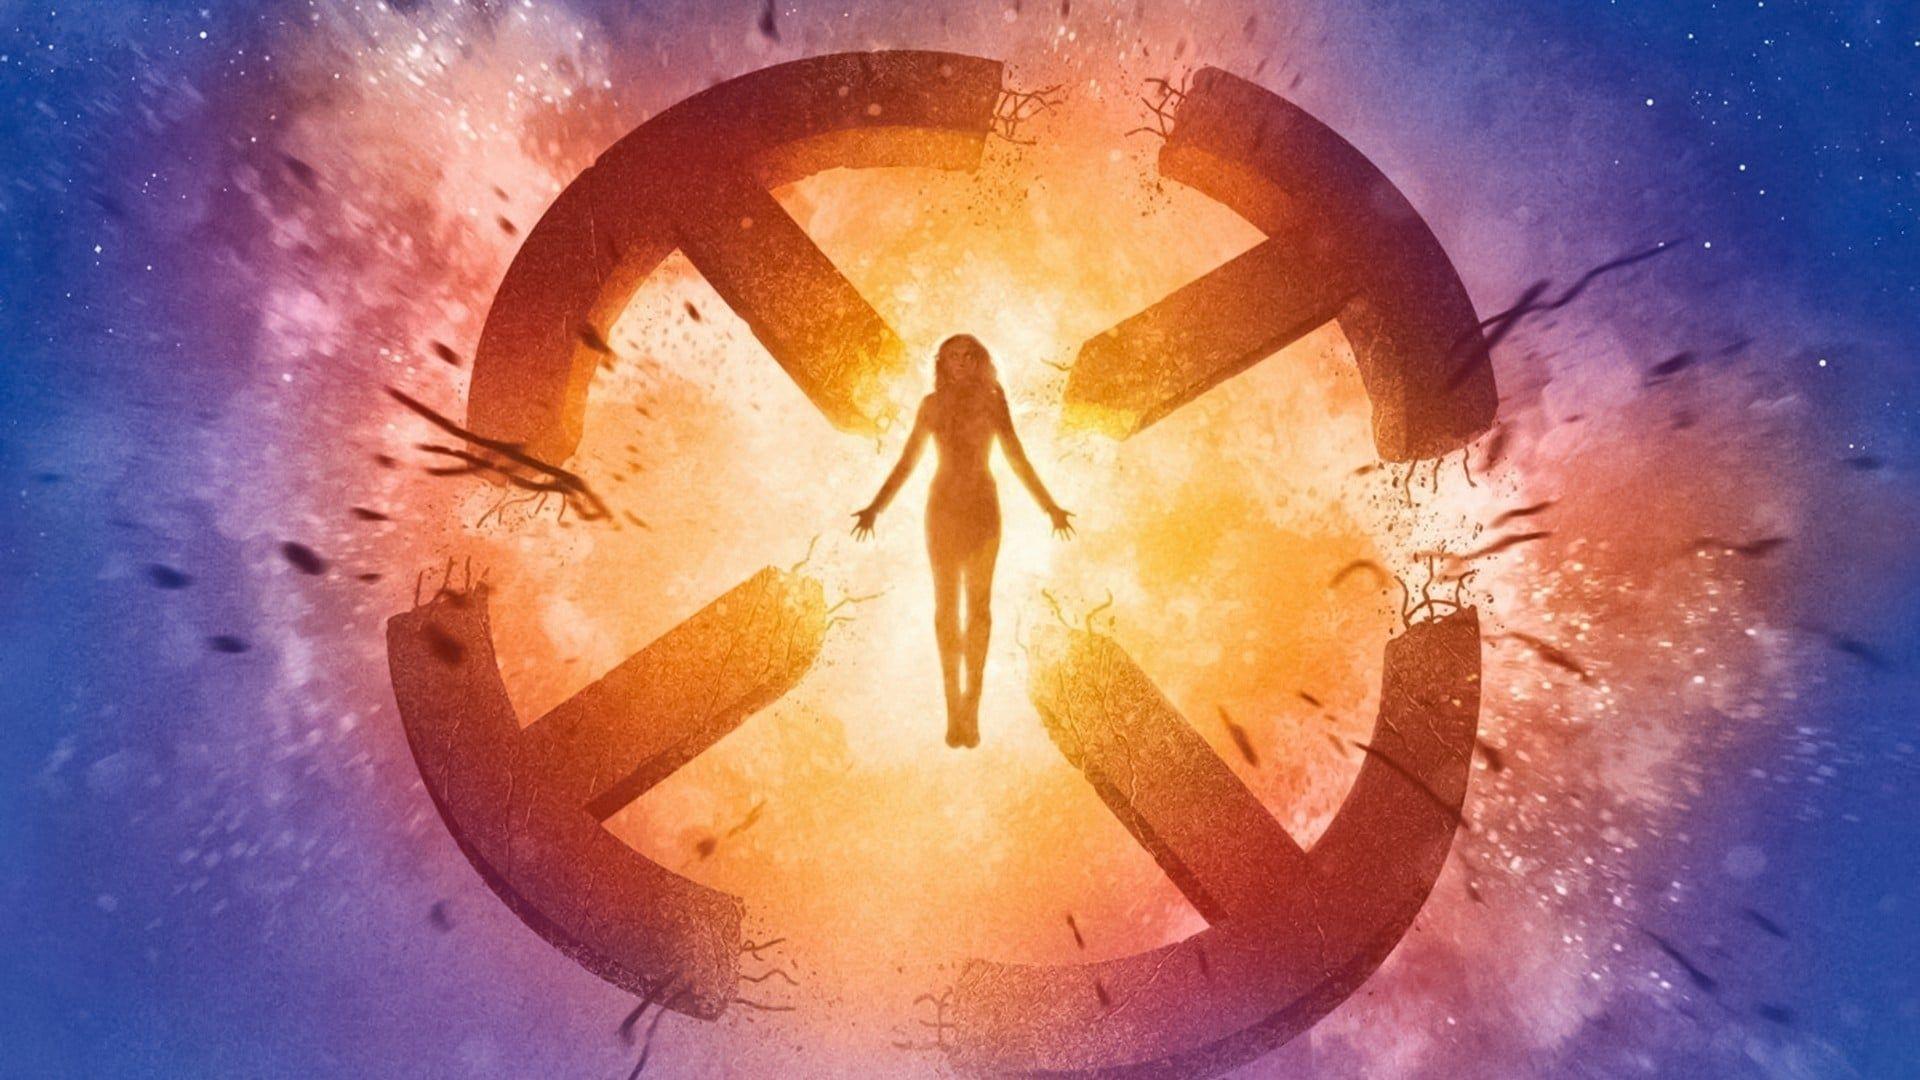 Guarda X Men Dark Phoenix Streaming Ita Film Completo Altadefinizione X Men Dark Phoenix Streaming Ita Altadefin Dark Phoenix Free Movies Online X Men